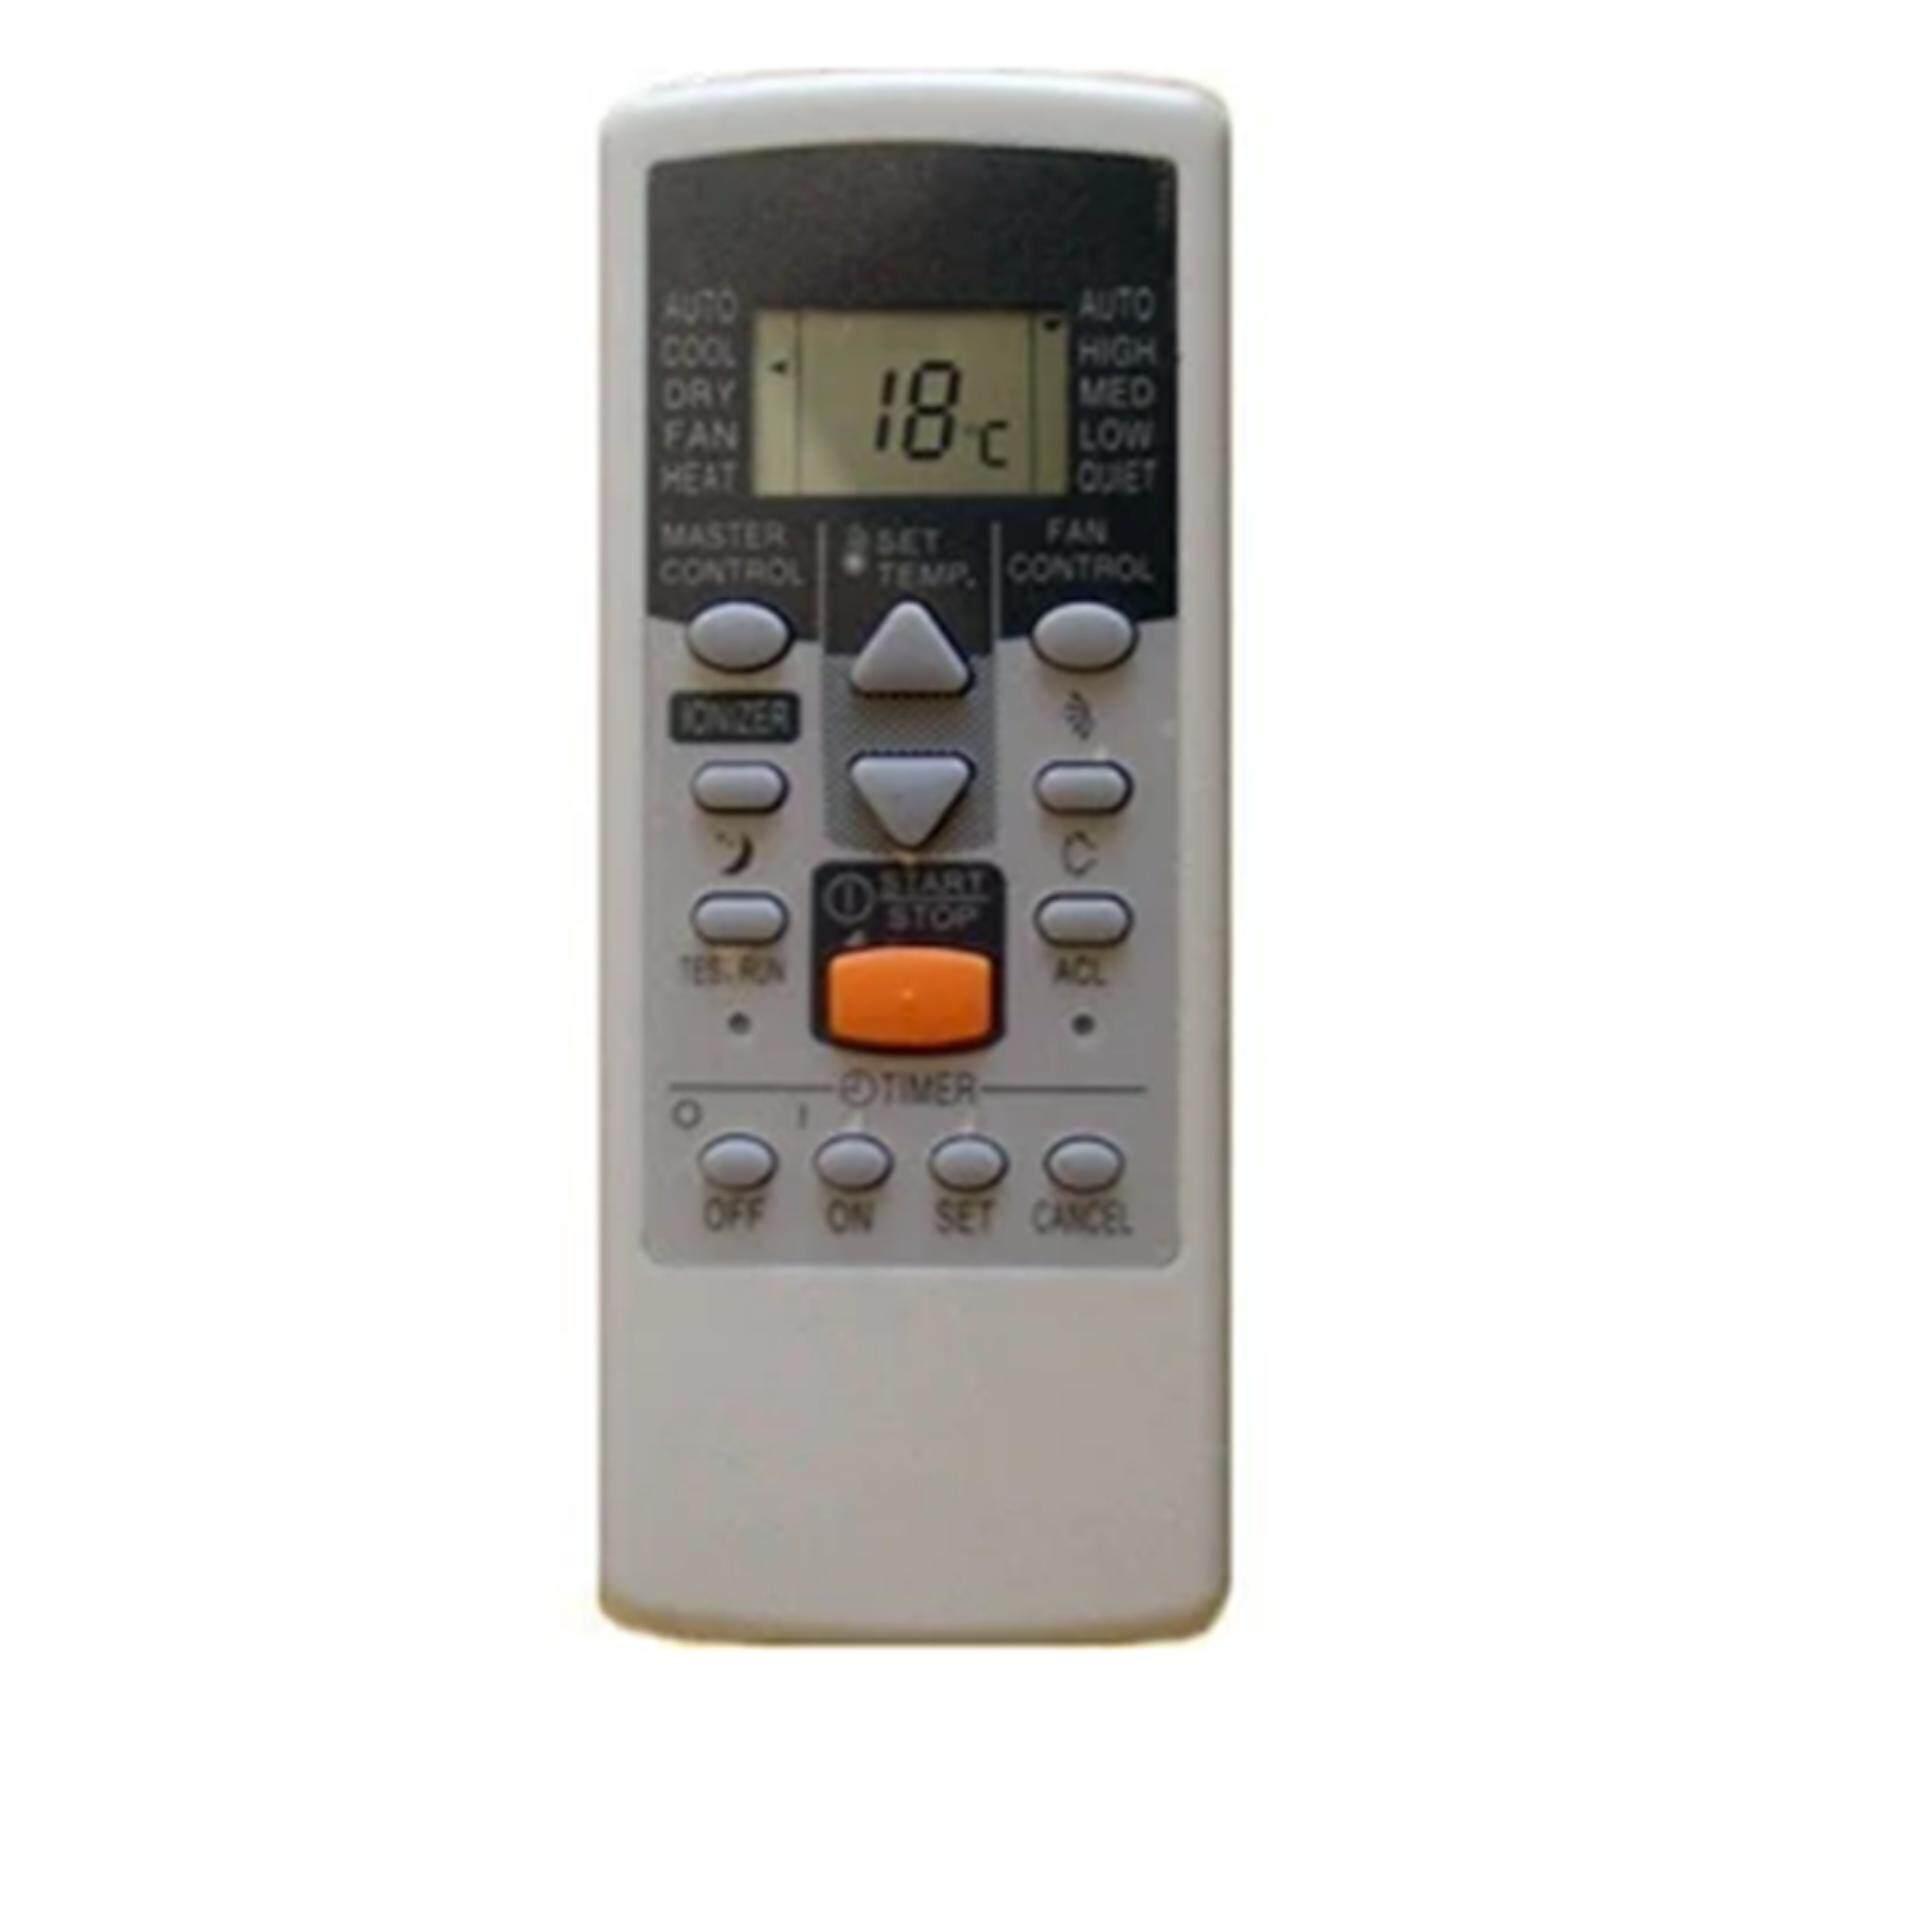 LC Replacement Fu jitsu Air Conditioner Remote Control AR-JE4 PV1 PV2 PV4 JE5 JE6 JE7 - intl